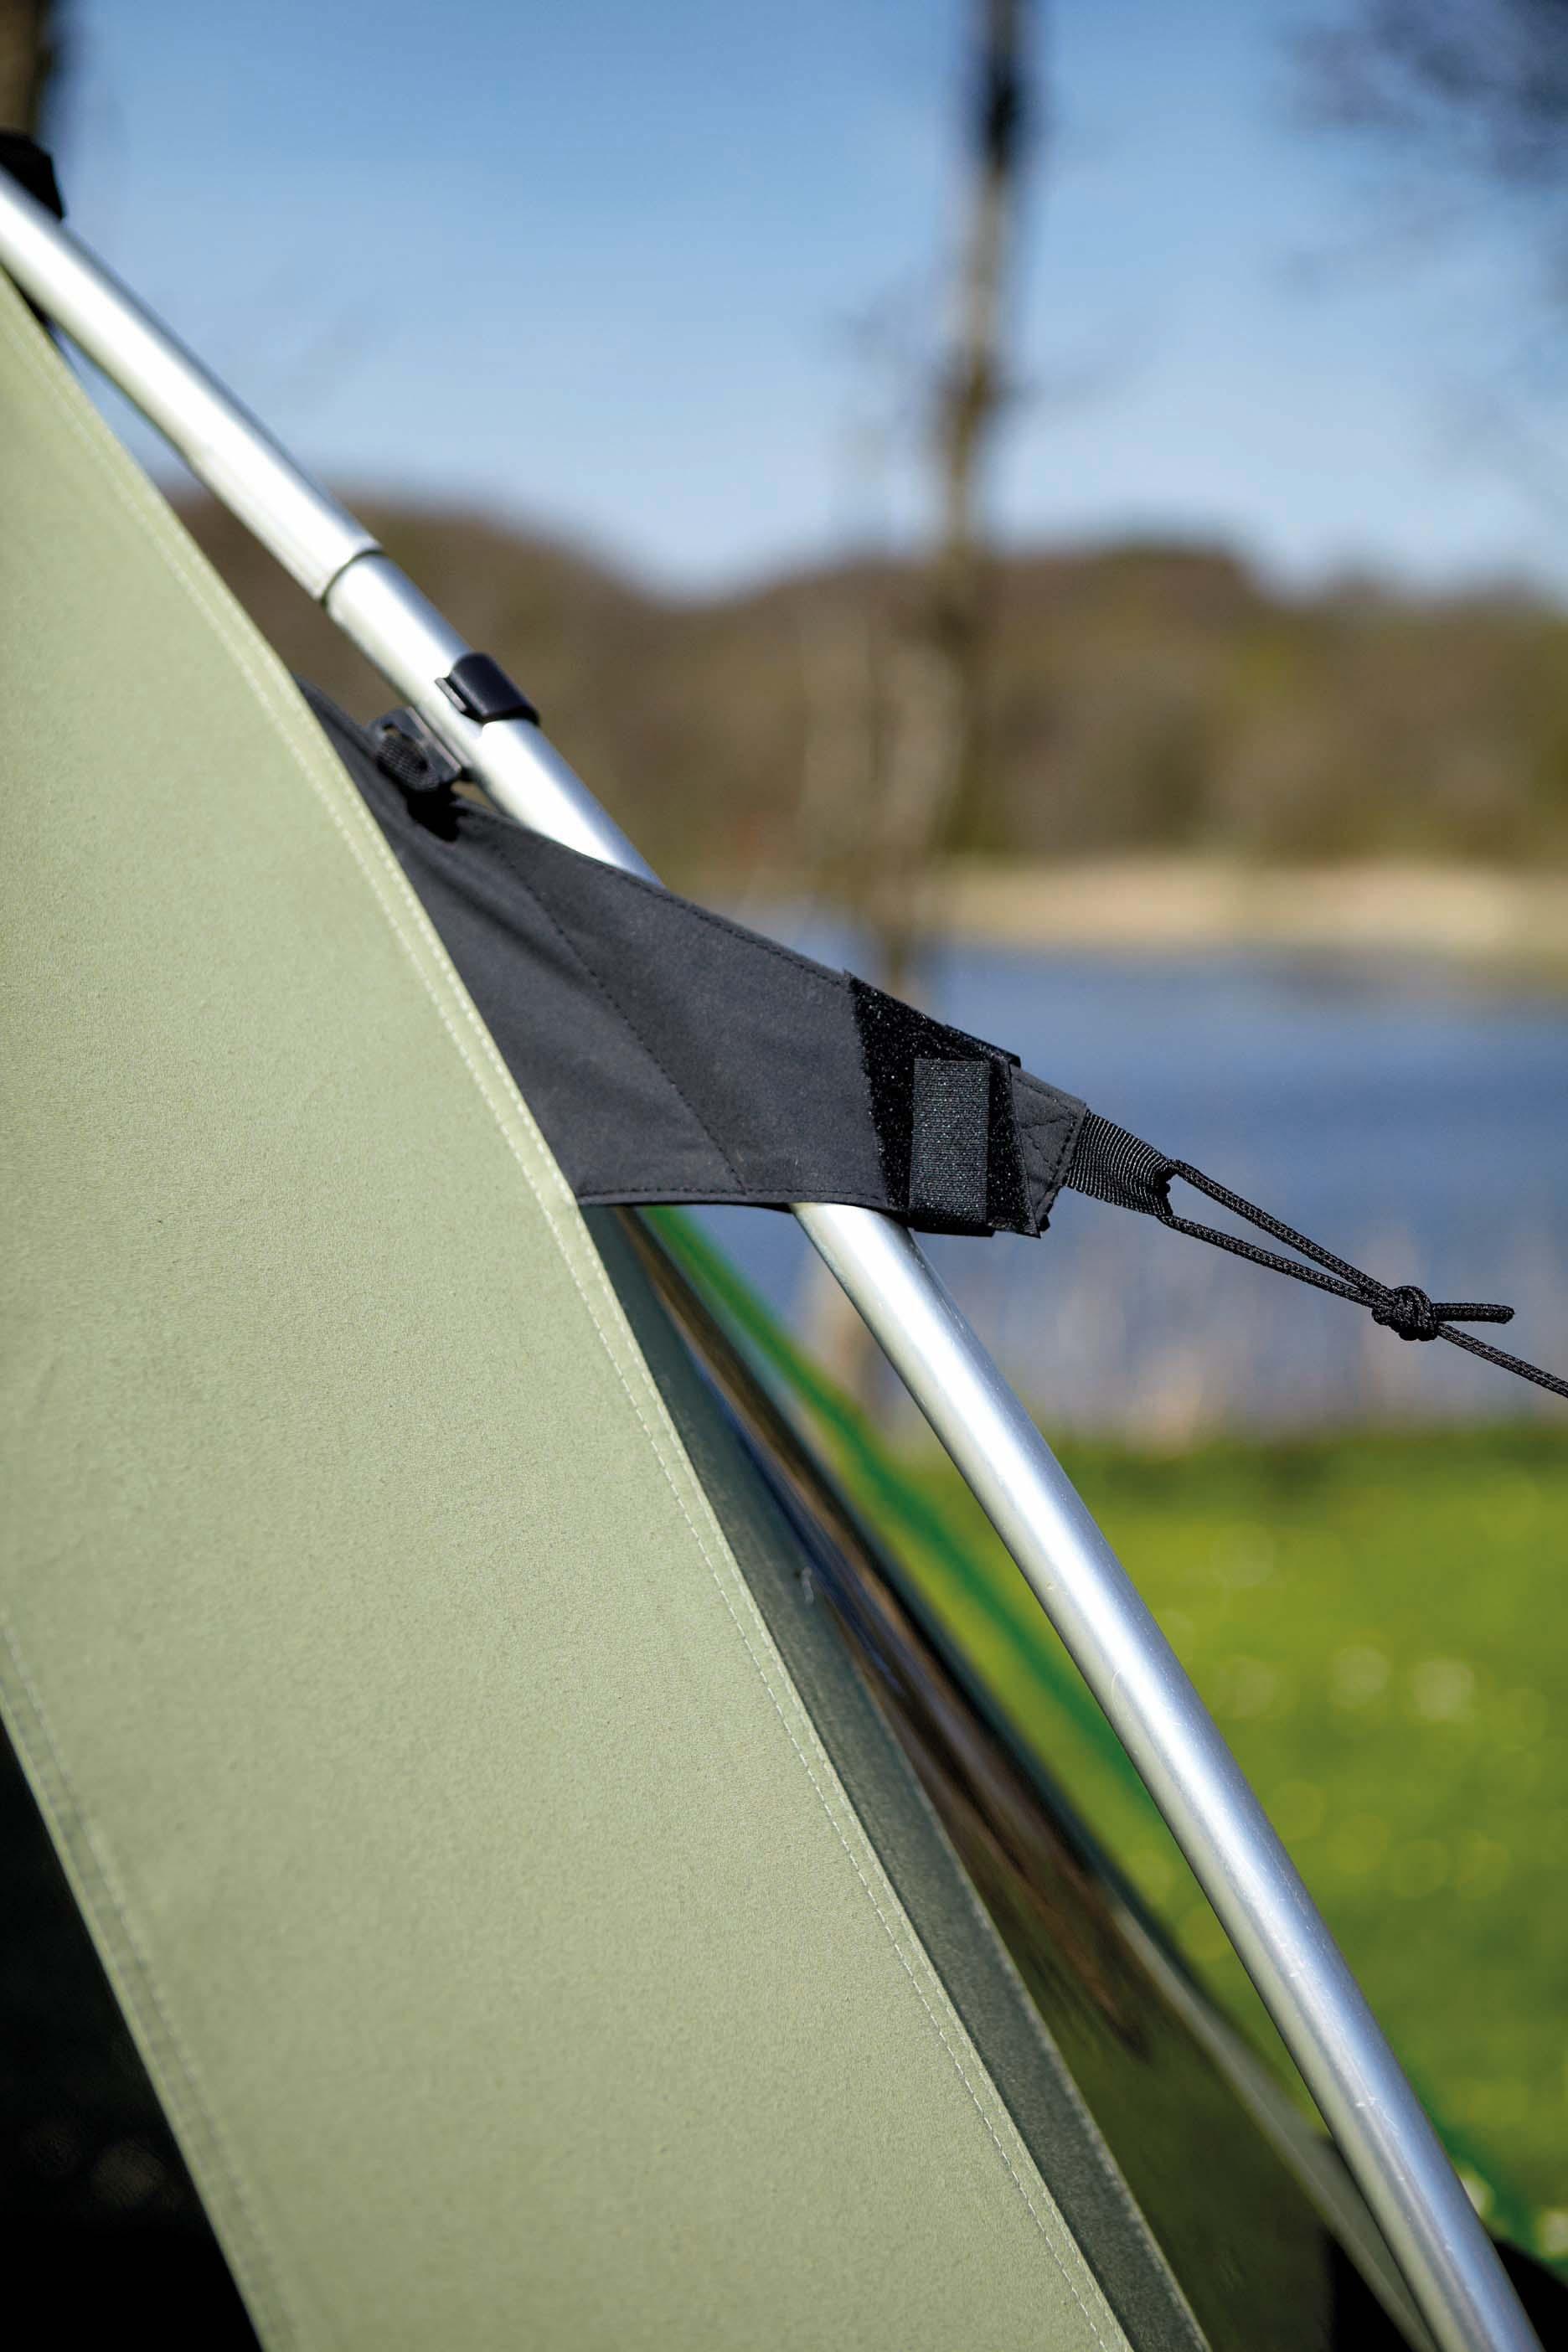 Aluminium Alloy Tent Poles & Guide to tent poles